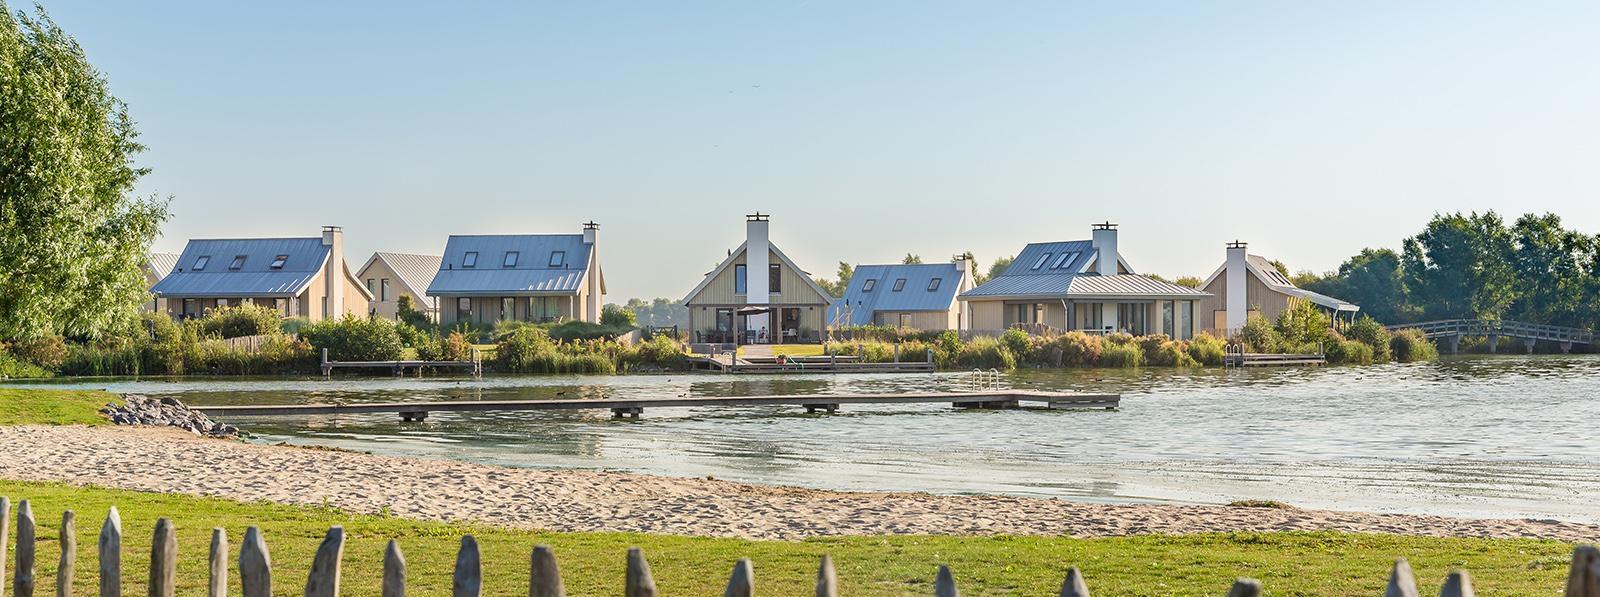 Vacation at a holiday villa at Resort Waterrijk Oesterdam